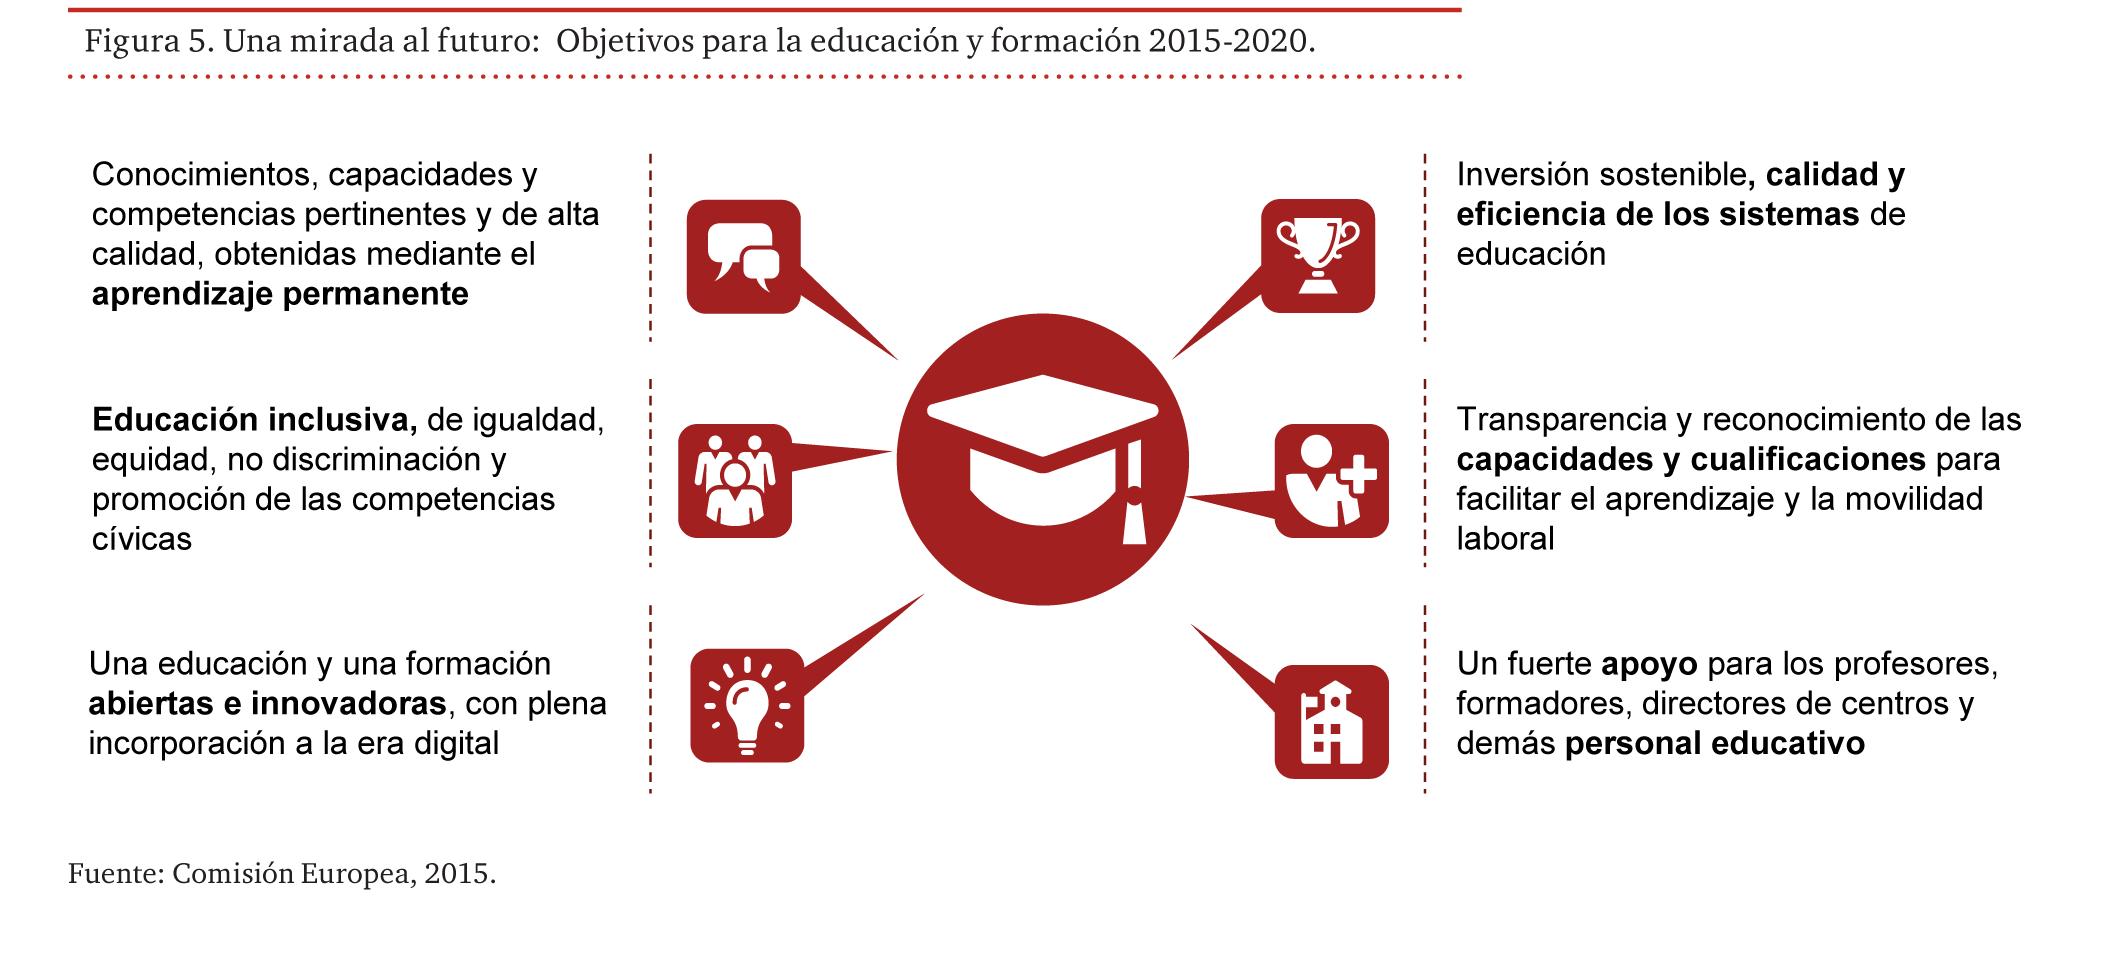 Objetivos para la educación y formación 2015-2020